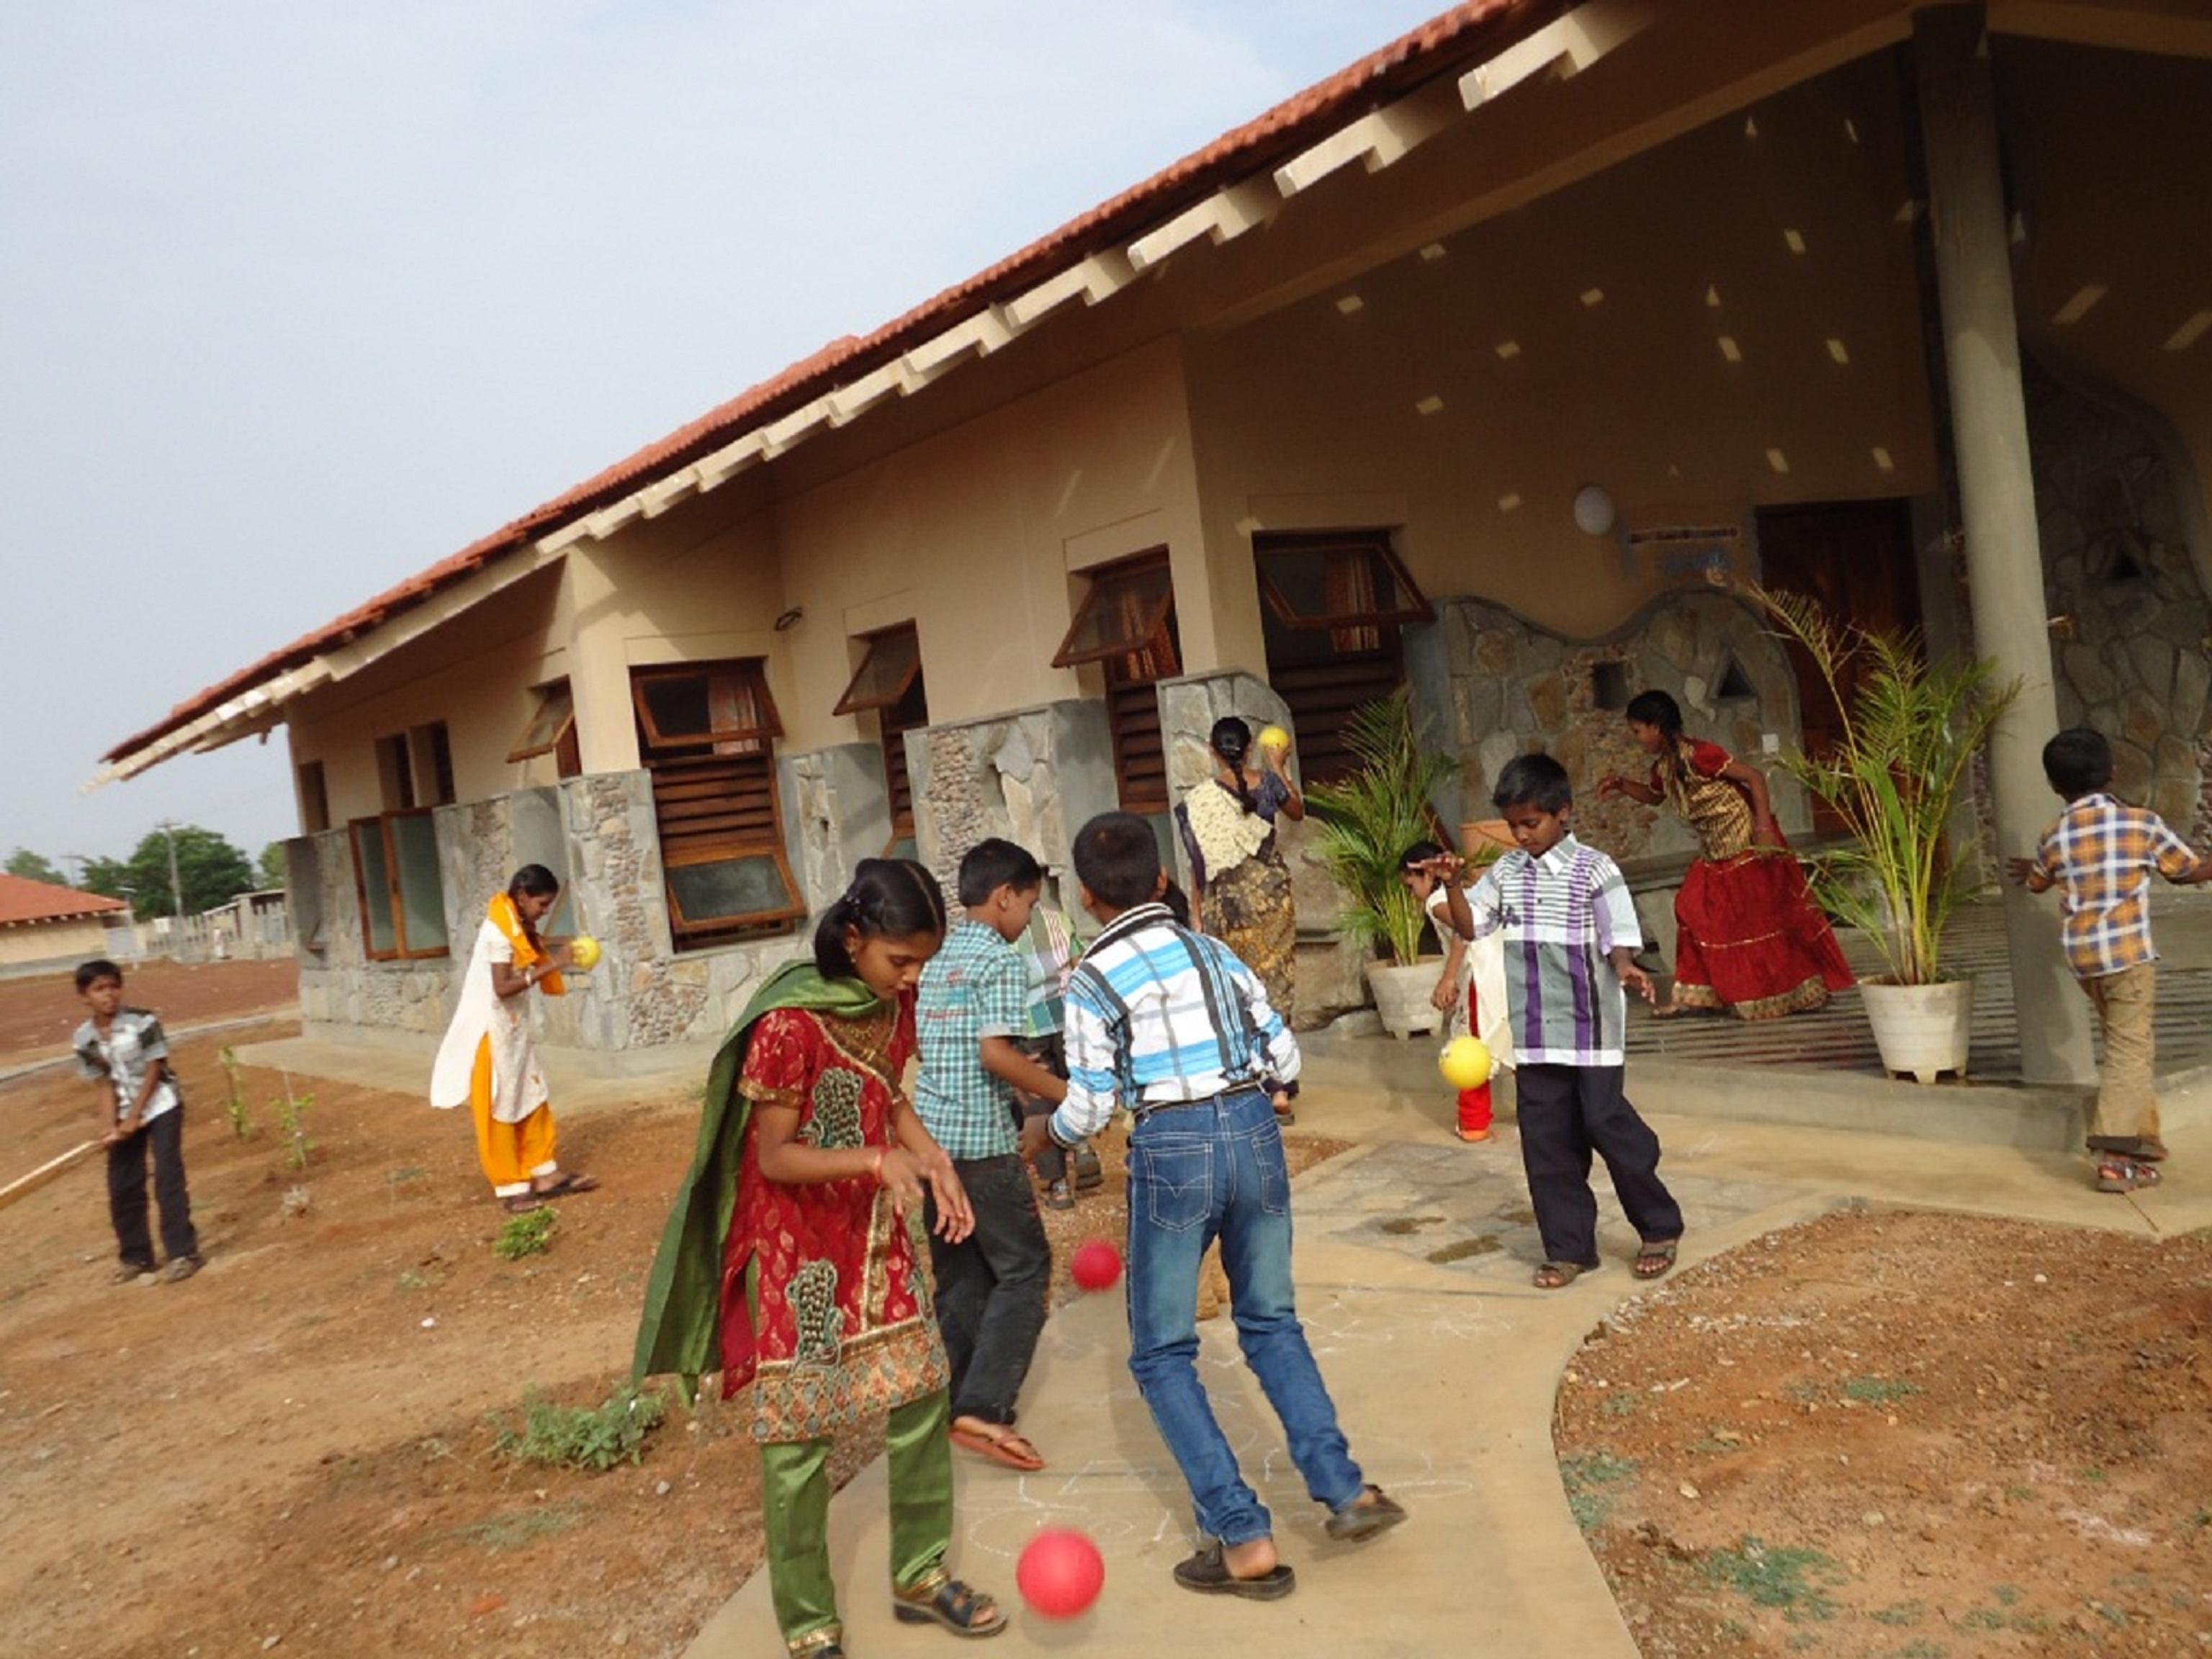 Trichur - SOS Children's Villages International